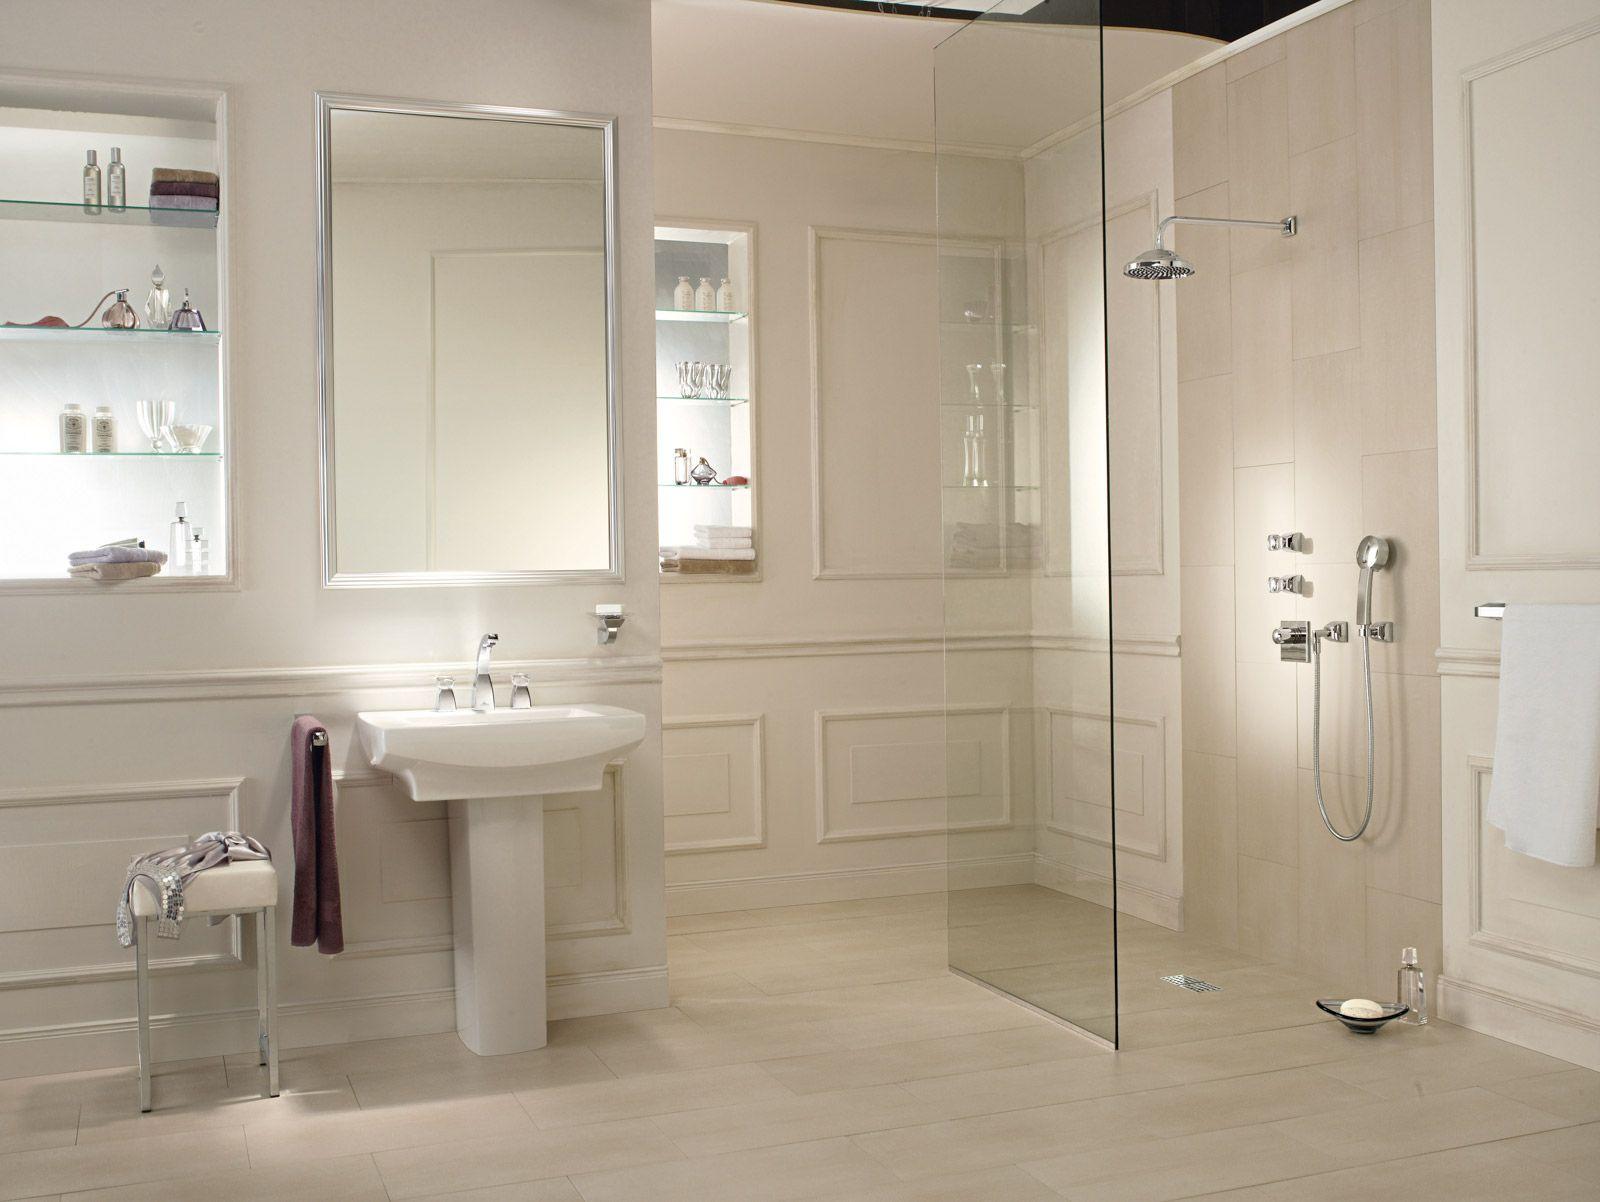 klassieke badkamer met inloopdouche klassieke badkamers